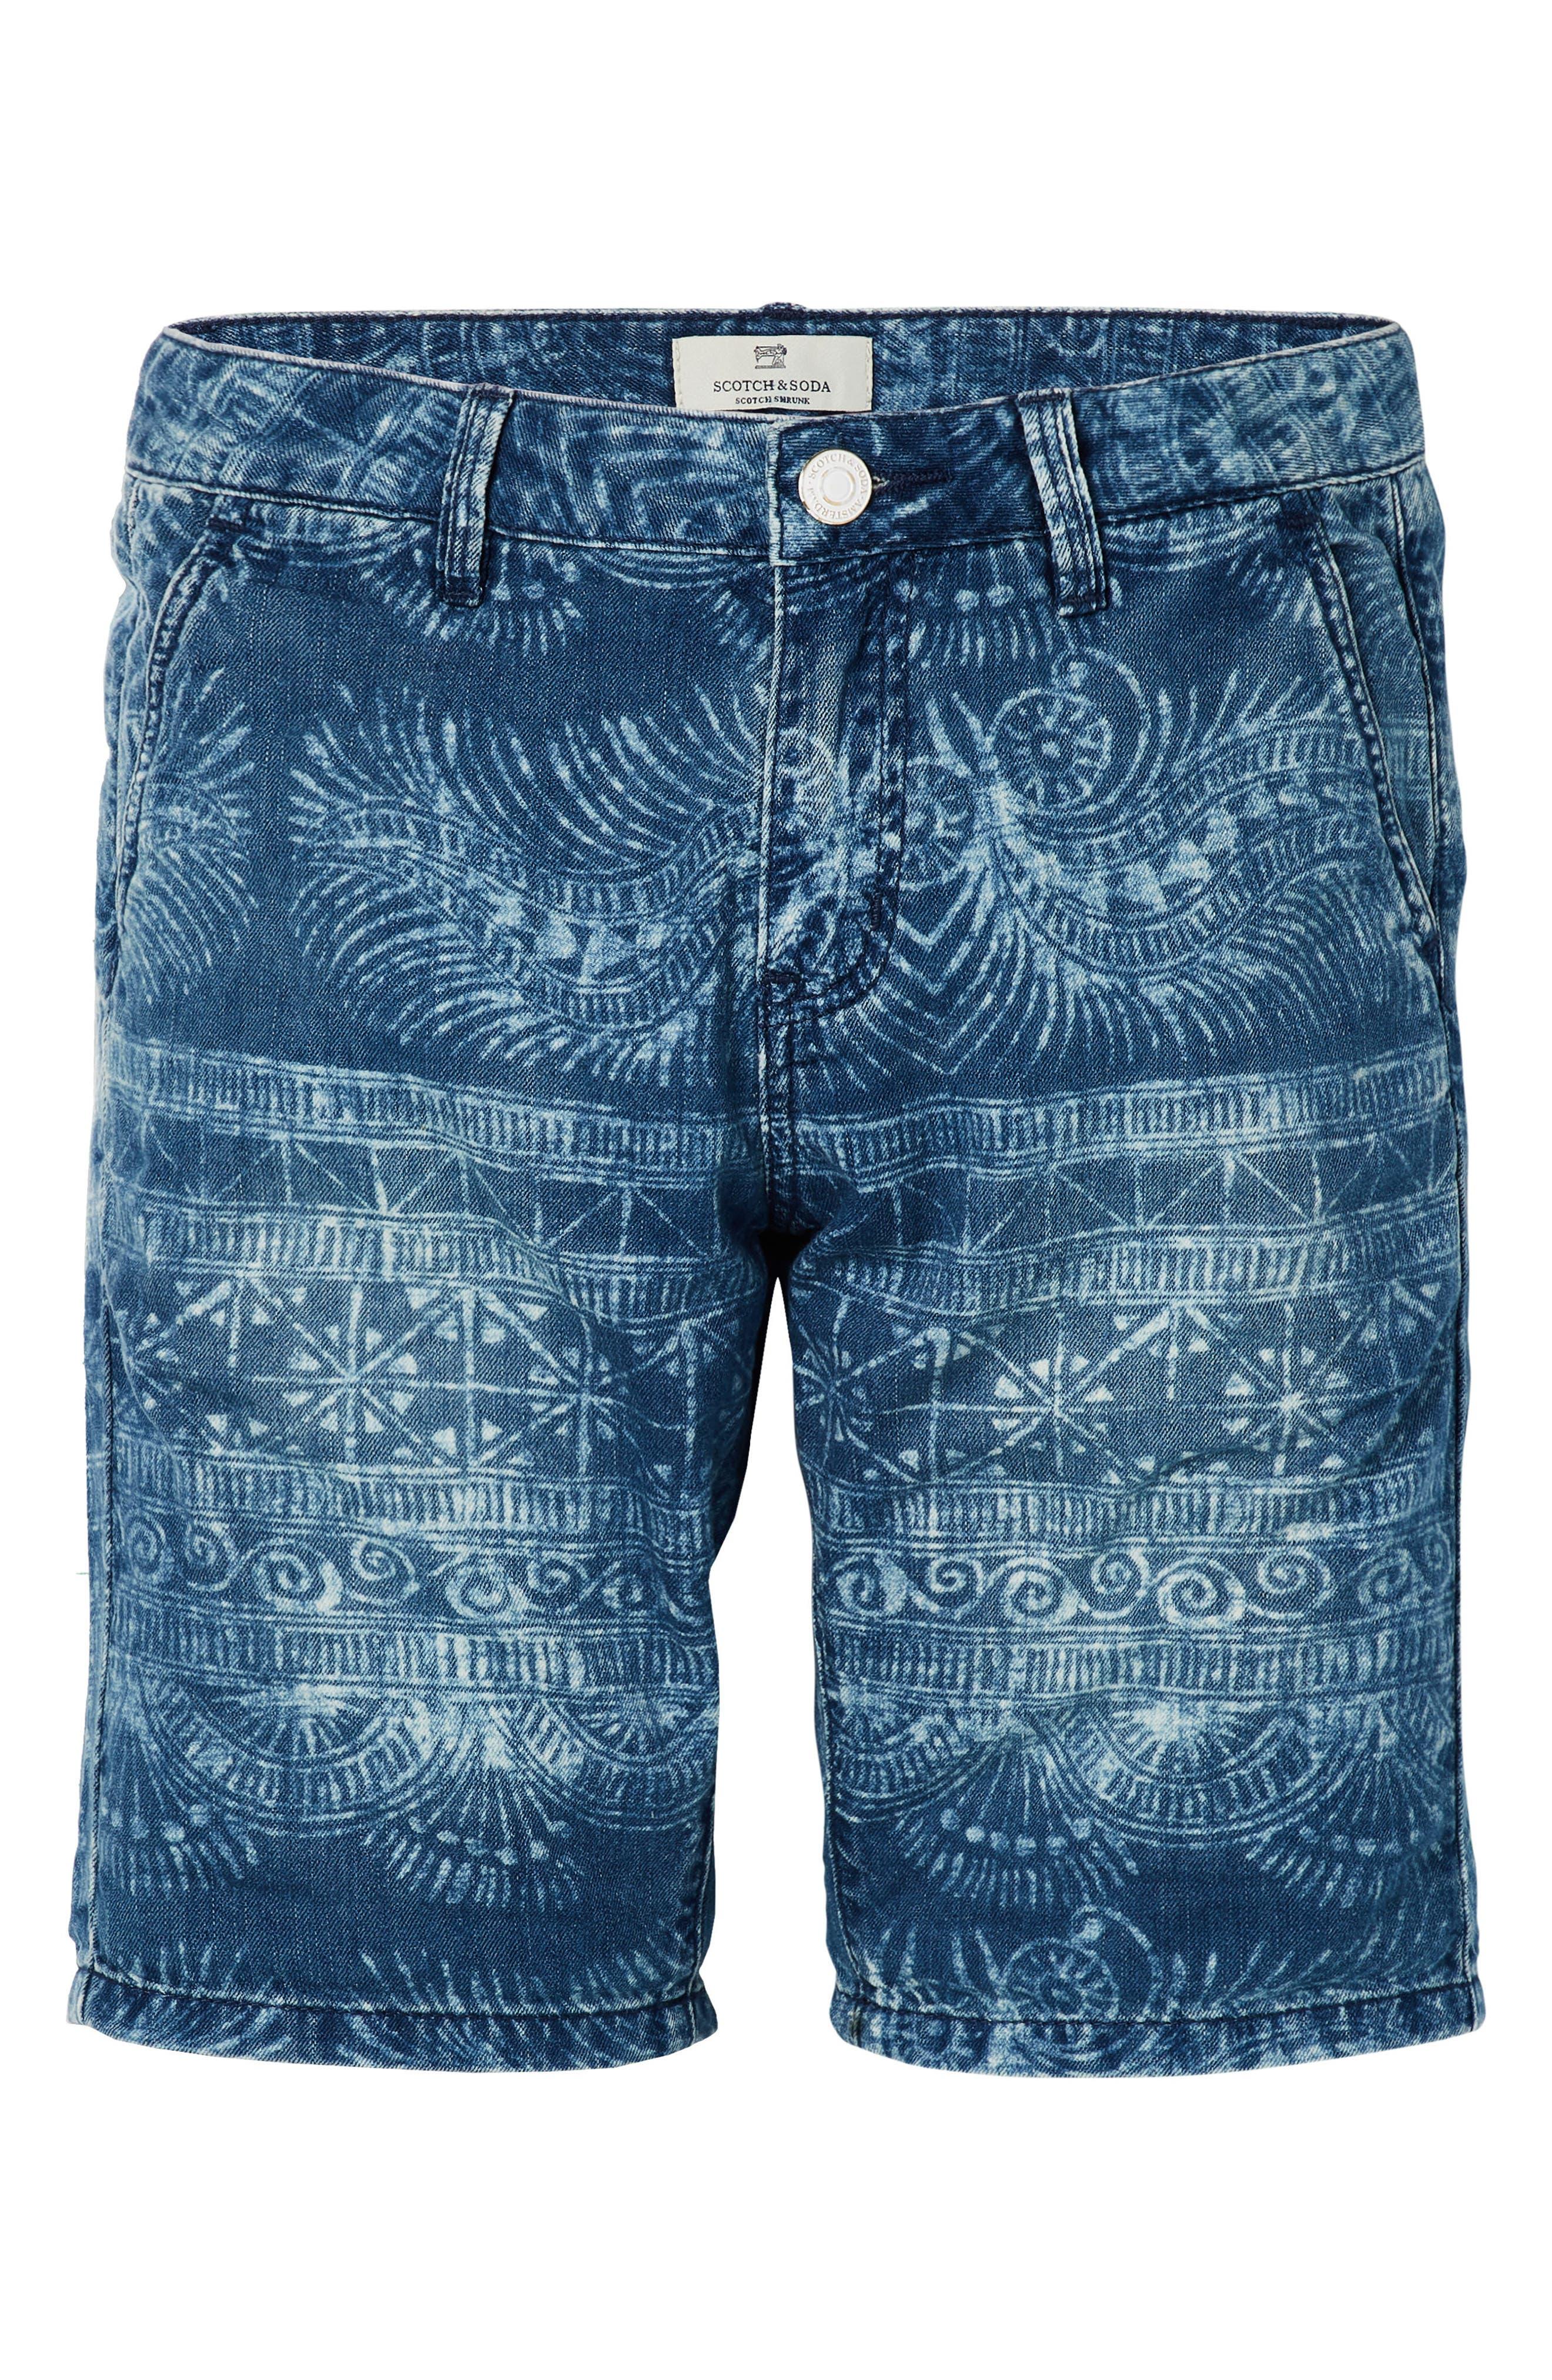 Denim Chino Shorts,                             Main thumbnail 1, color,                             400